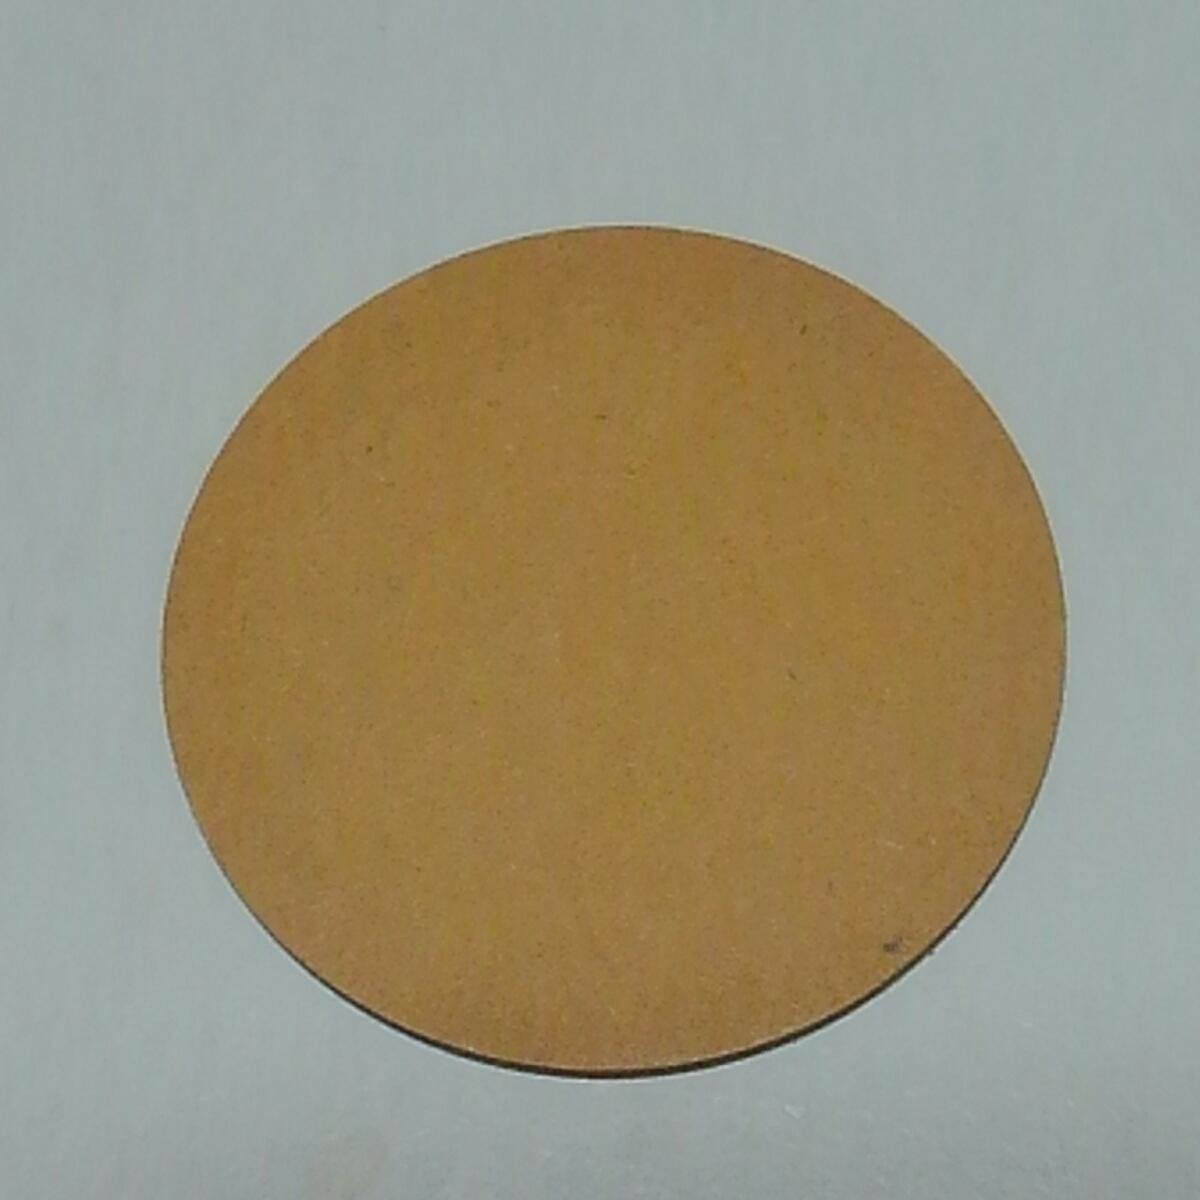 【牛乳キャップ】【レア】約40年前 球磨牛乳 未使用 熊本県/球磨酪農々業協同組合_画像2